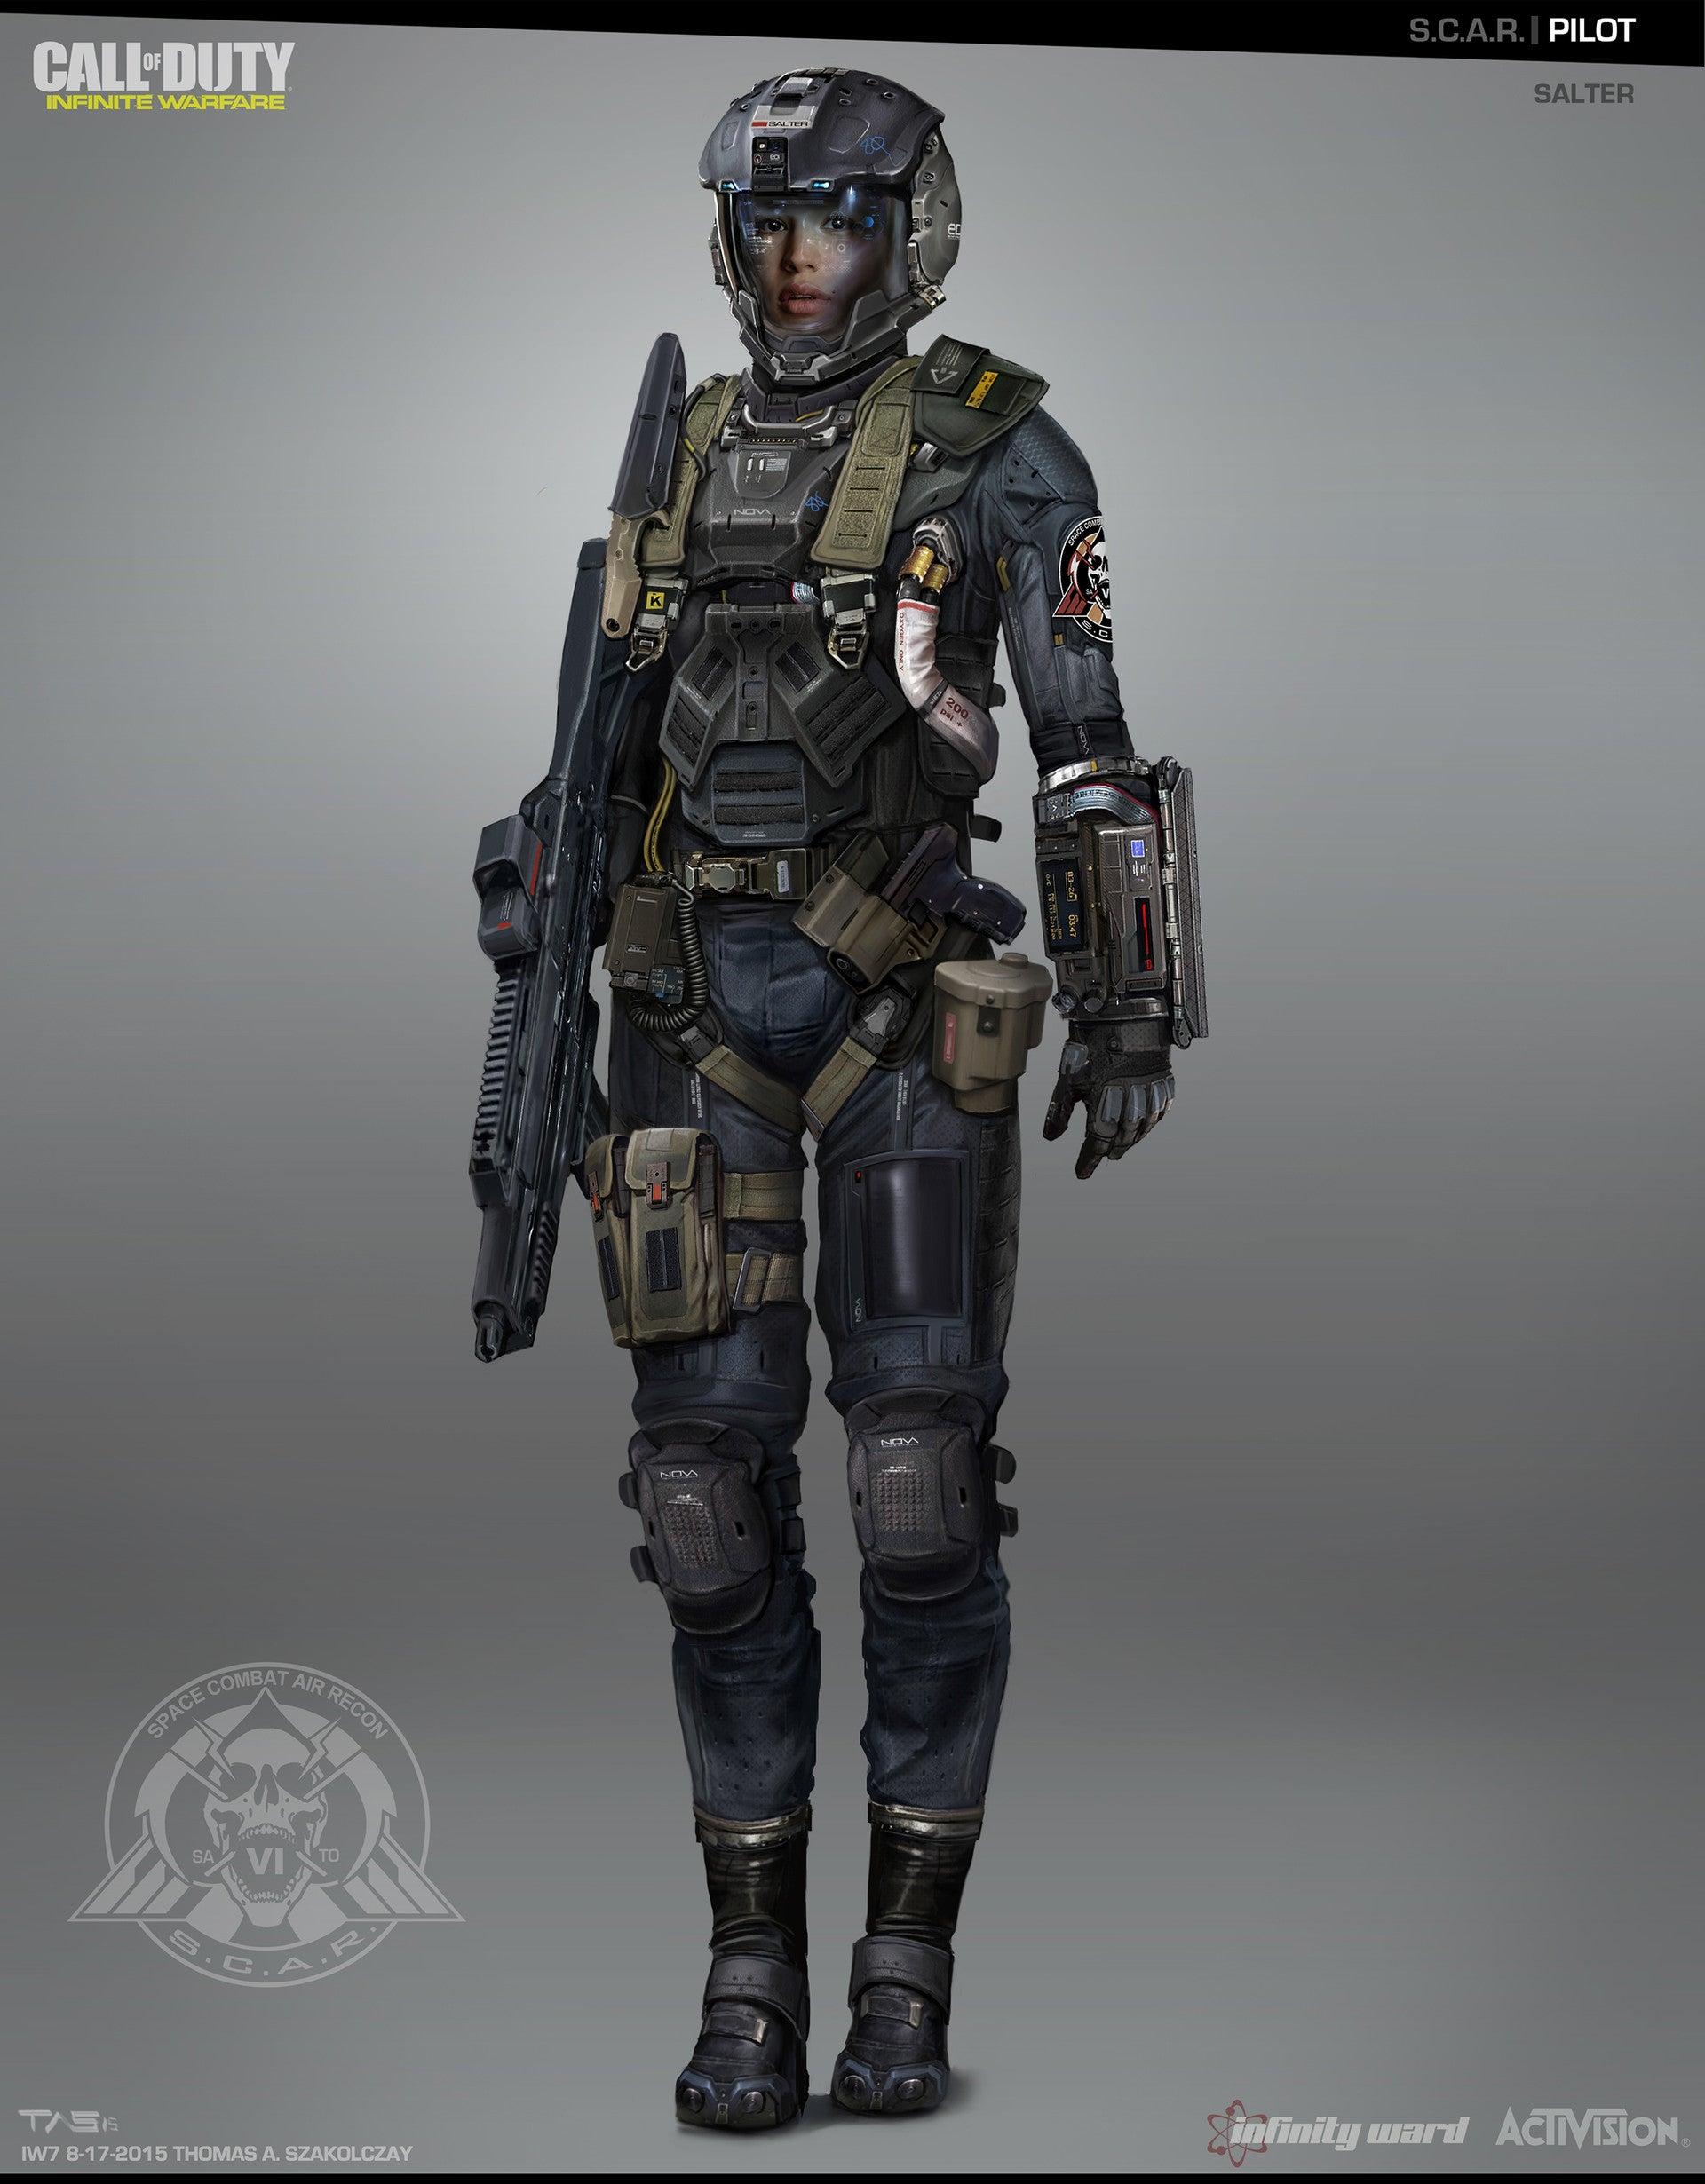 Call Of Duty Infinite Warfare Concept Art 16 Linkoversum